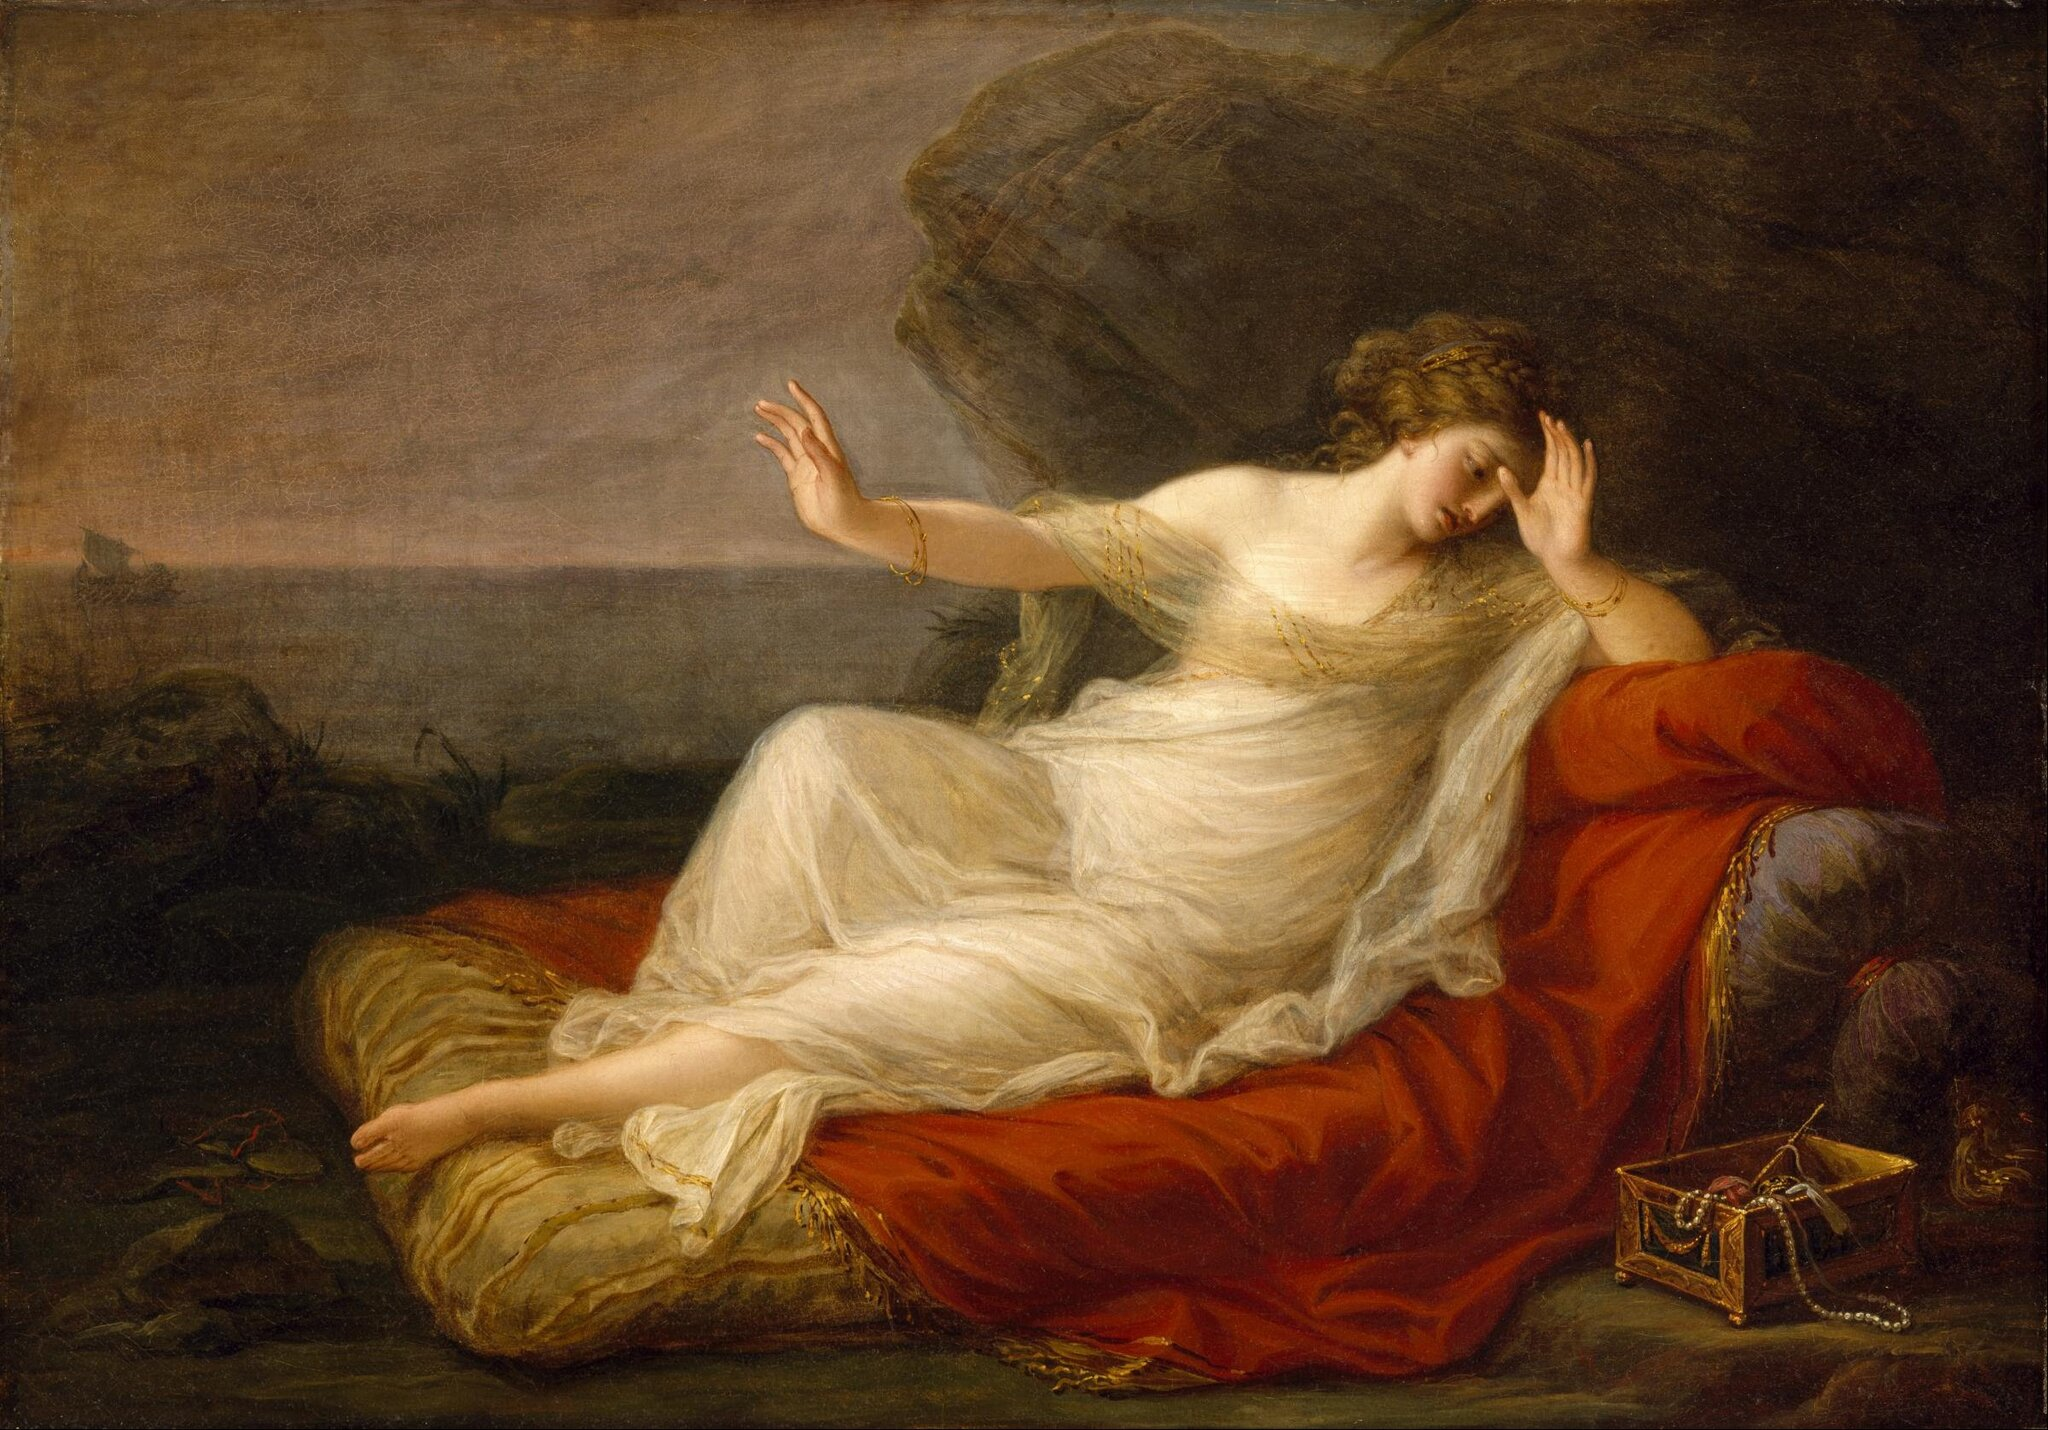 Ariadna opuszczona przez Tezeusza Źródło: Angelika Kauffmann, Ariadna opuszczona przez Tezeusza, 1774, olej na płótnie, Museum of Fine Arts, Houston, domena publiczna.